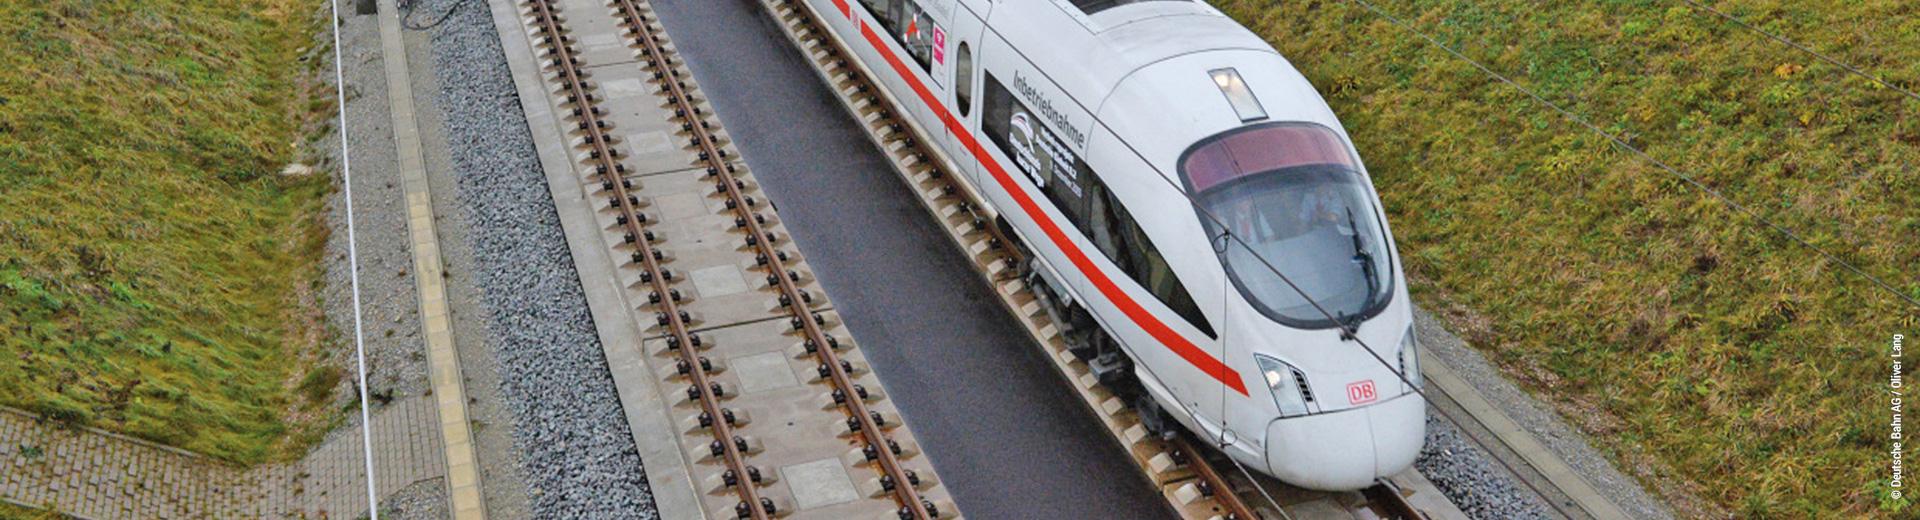 Bahn Kompakt